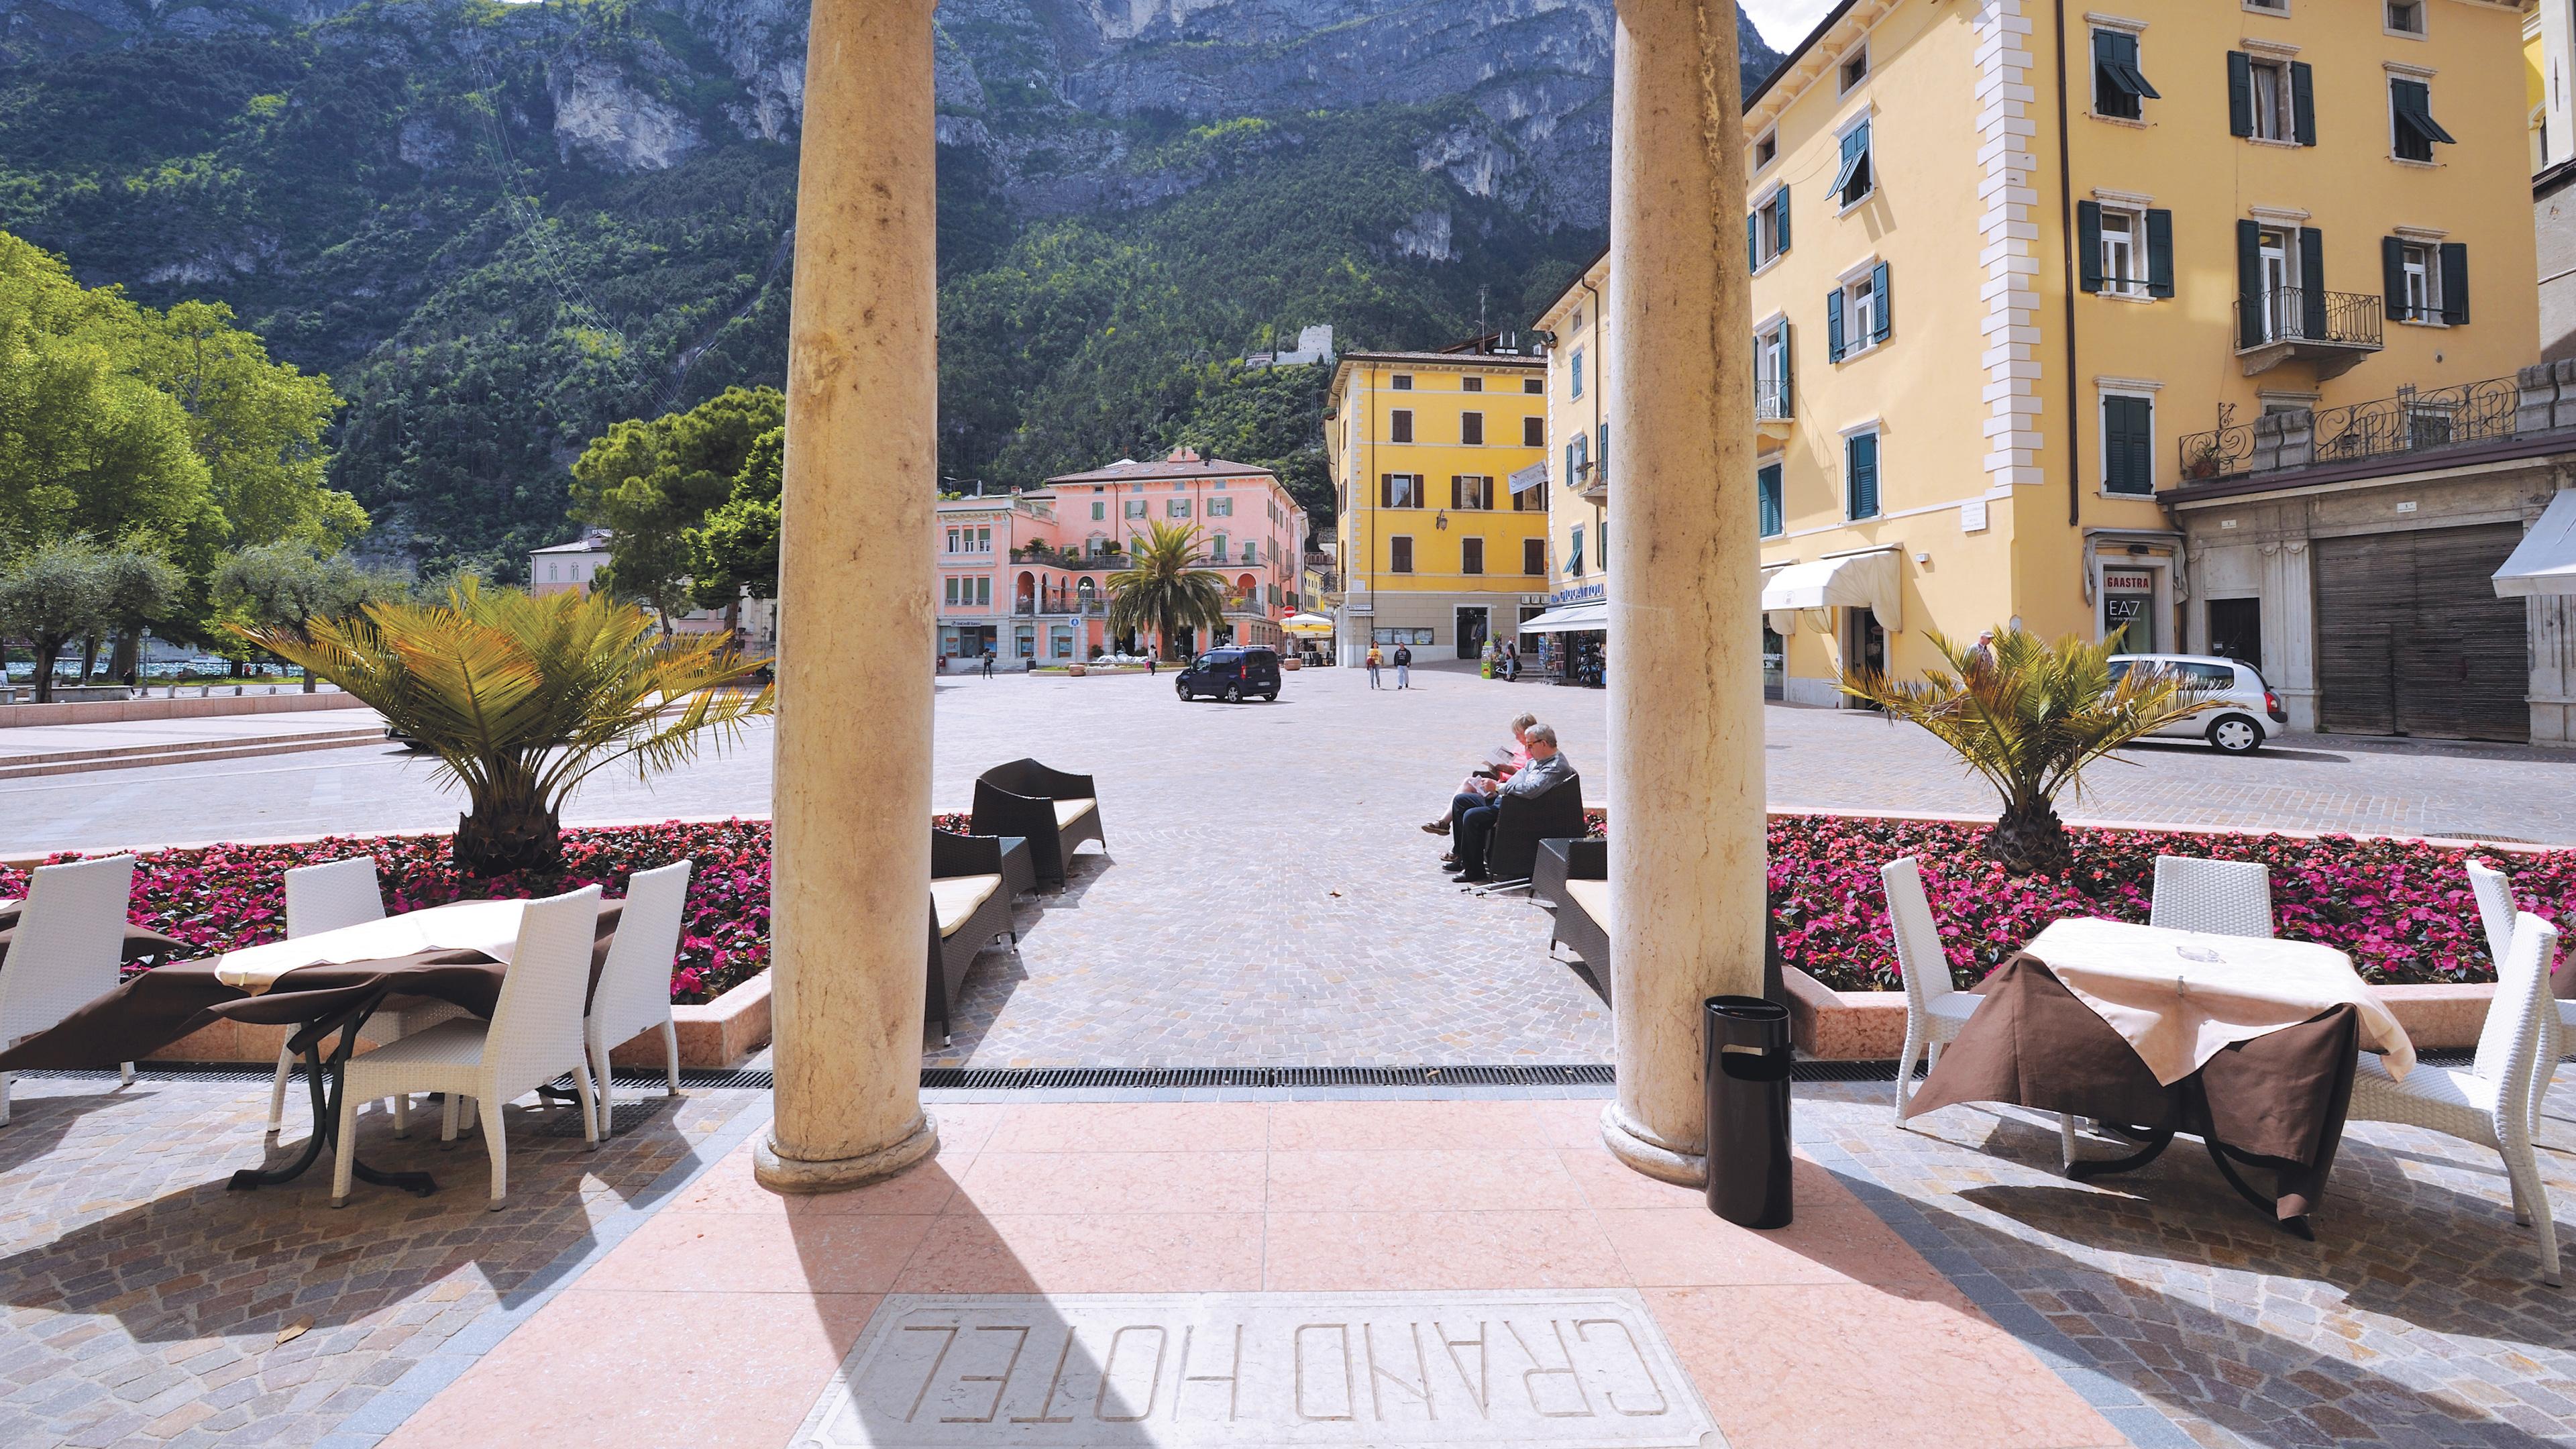 Ambienti Riva Del Garda galleria immagini - riva del garda | grand hotel riva